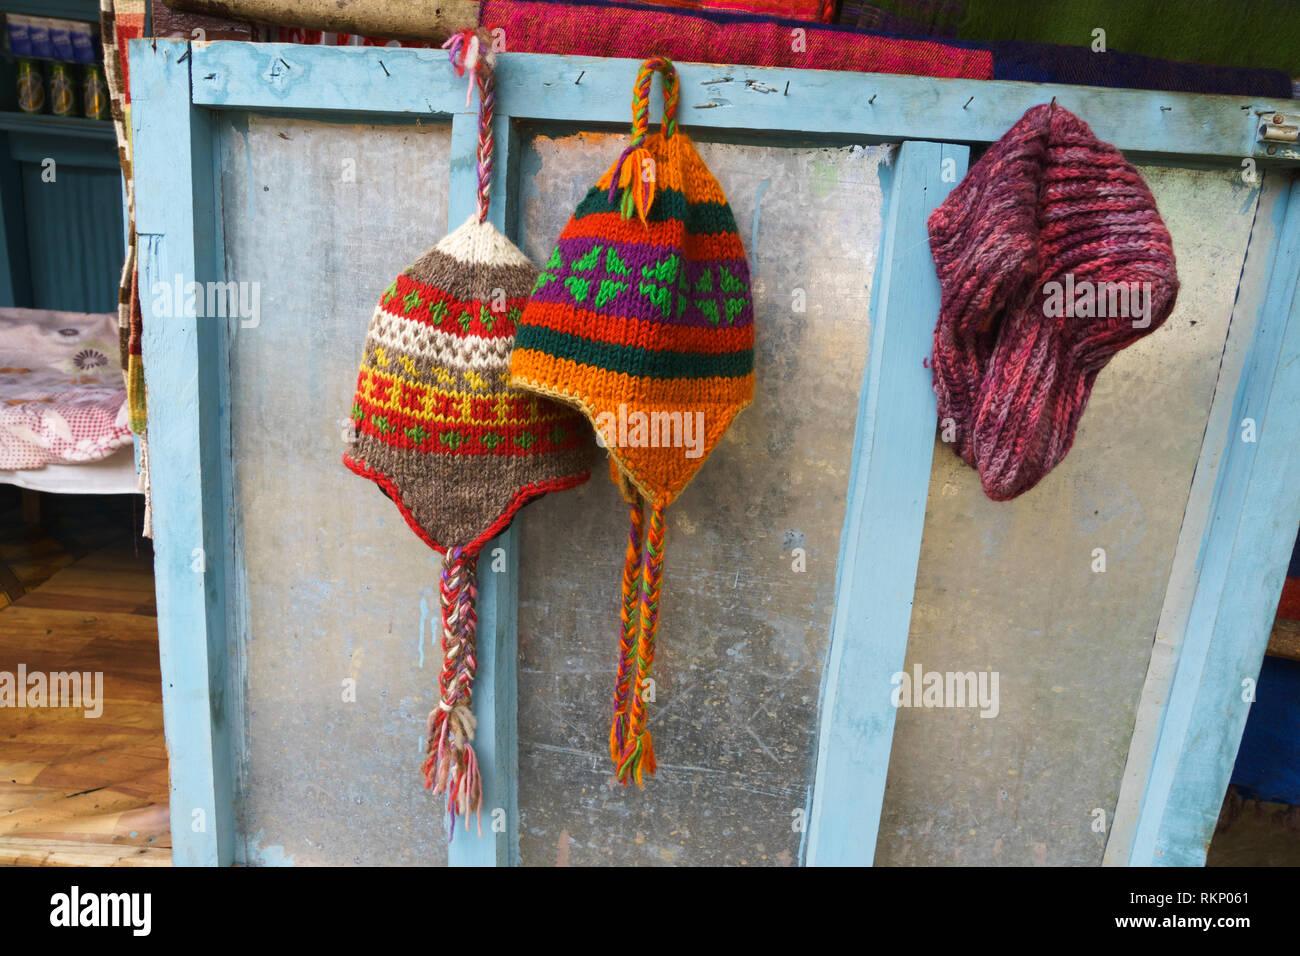 Gorros de lana a la venta en una casa de huéspedes en la región de Annapurna 77e72ef260f